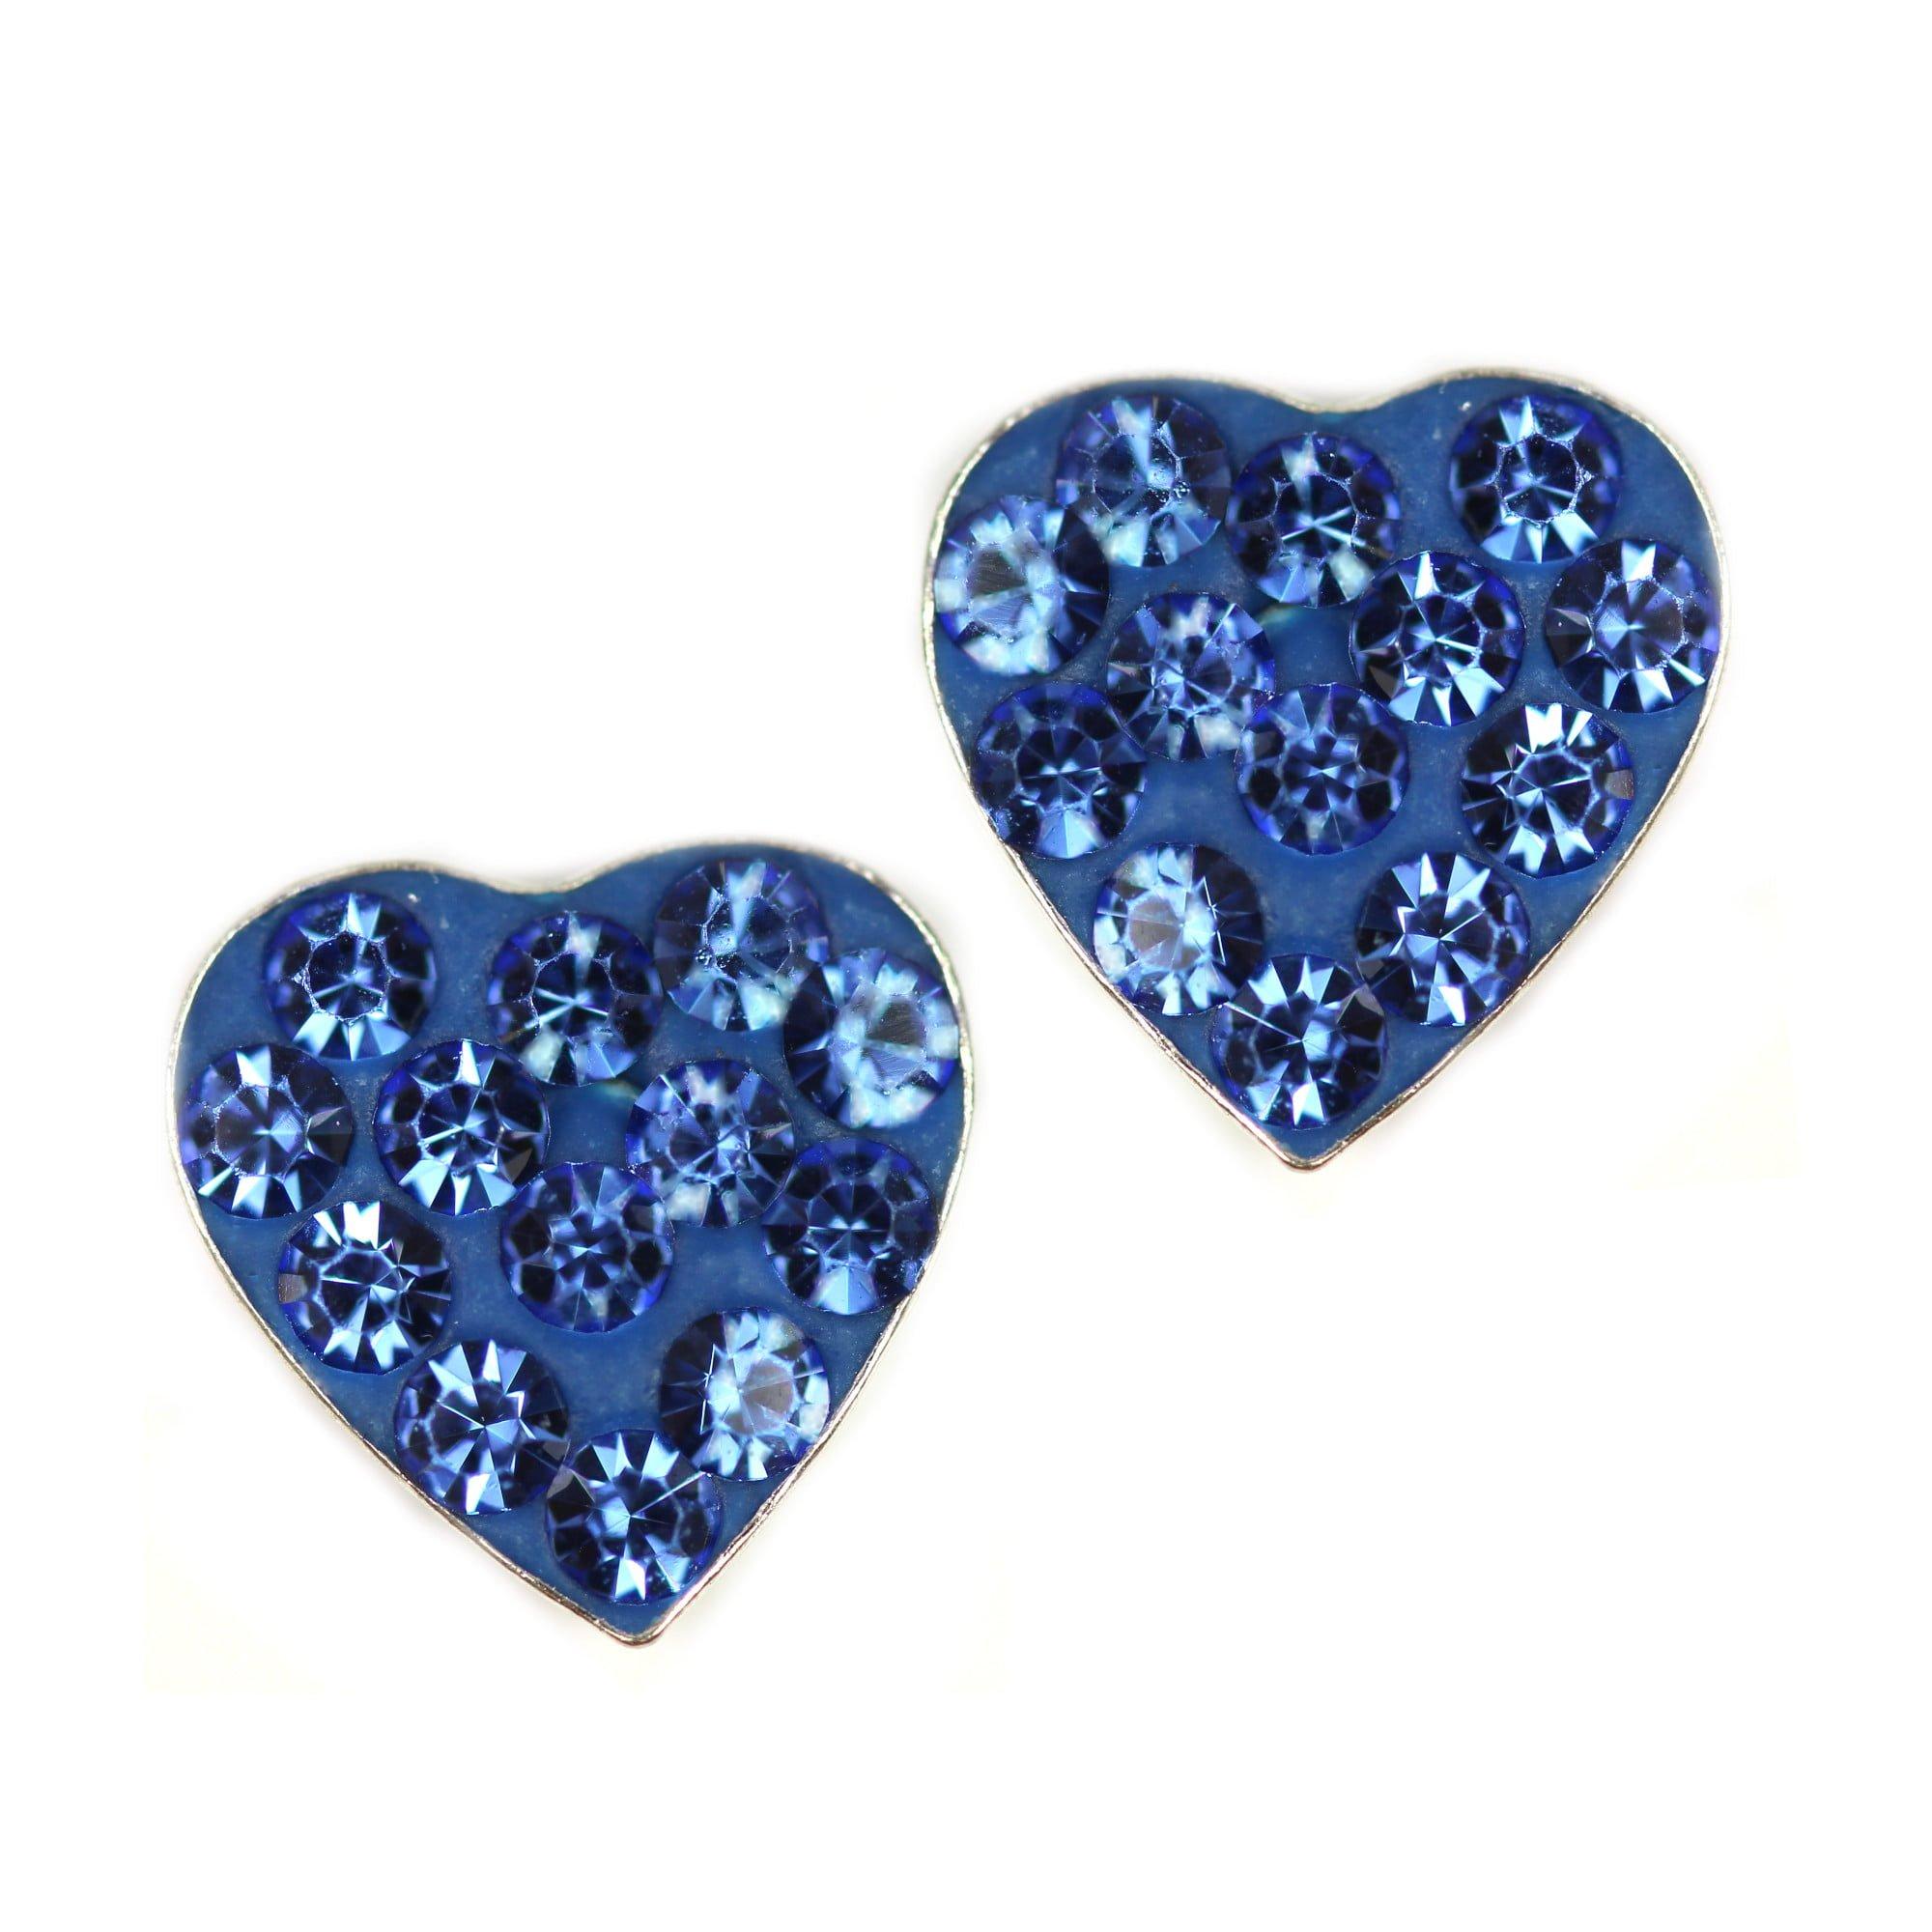 Blue crystal heart earrings in silver